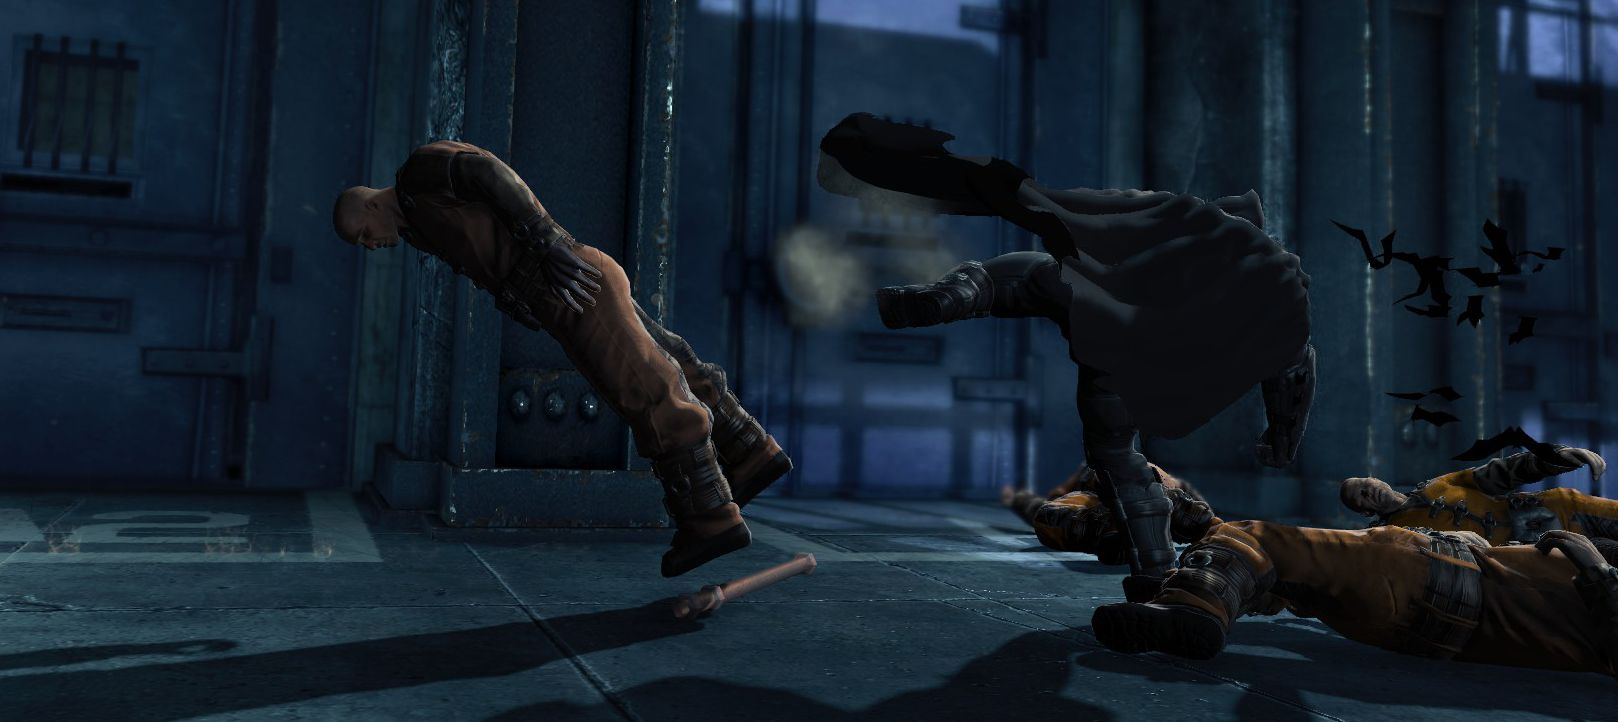 Batman denger skurker over en lav sko, og avslutter gjerne med et kraftfullt sidespark.